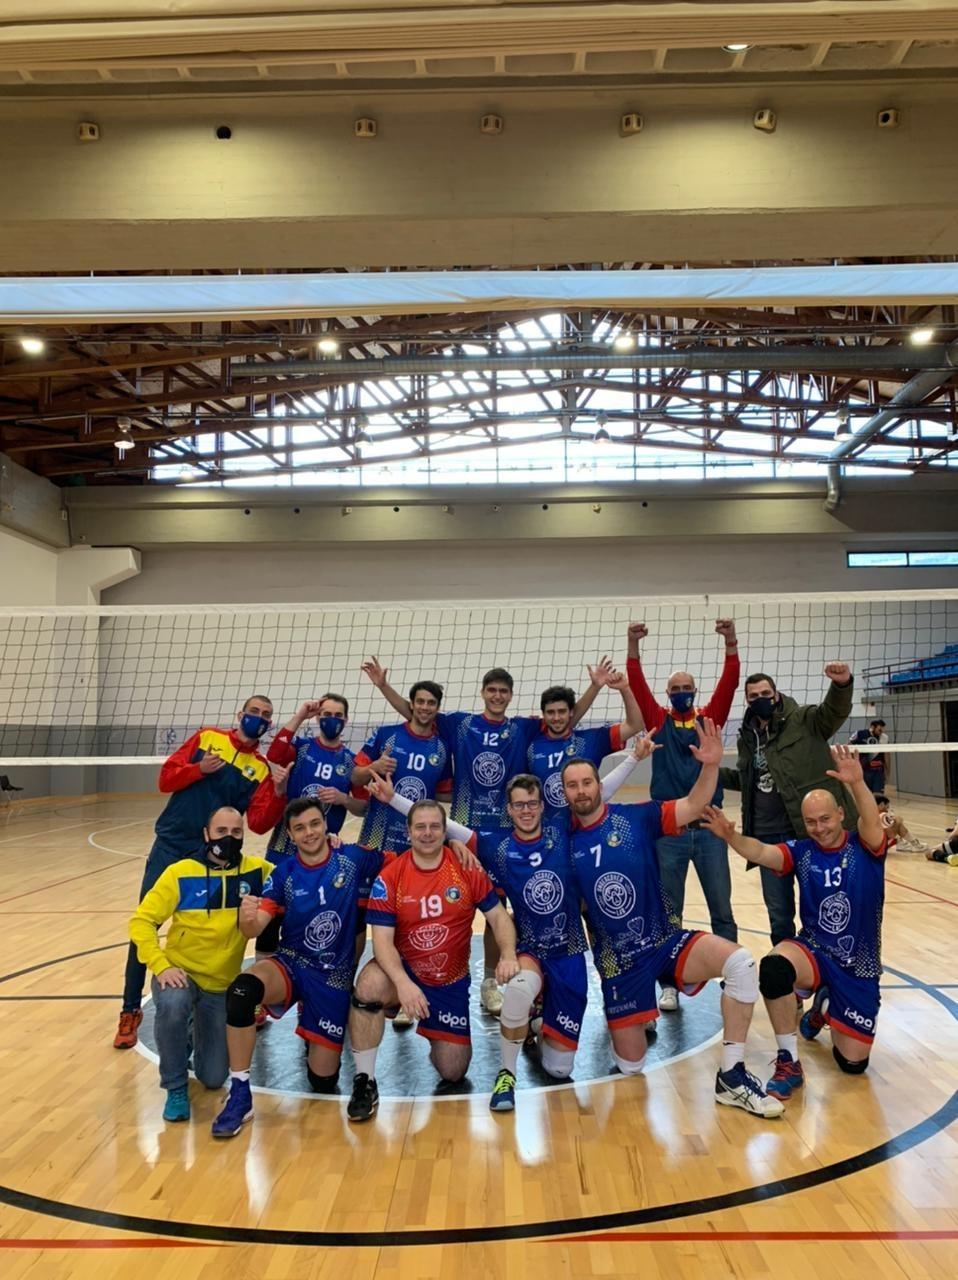 El CV Encamp va celebrar ahir al matí la salvació en vèncer el CV Monjos. Foto: CV Encamp